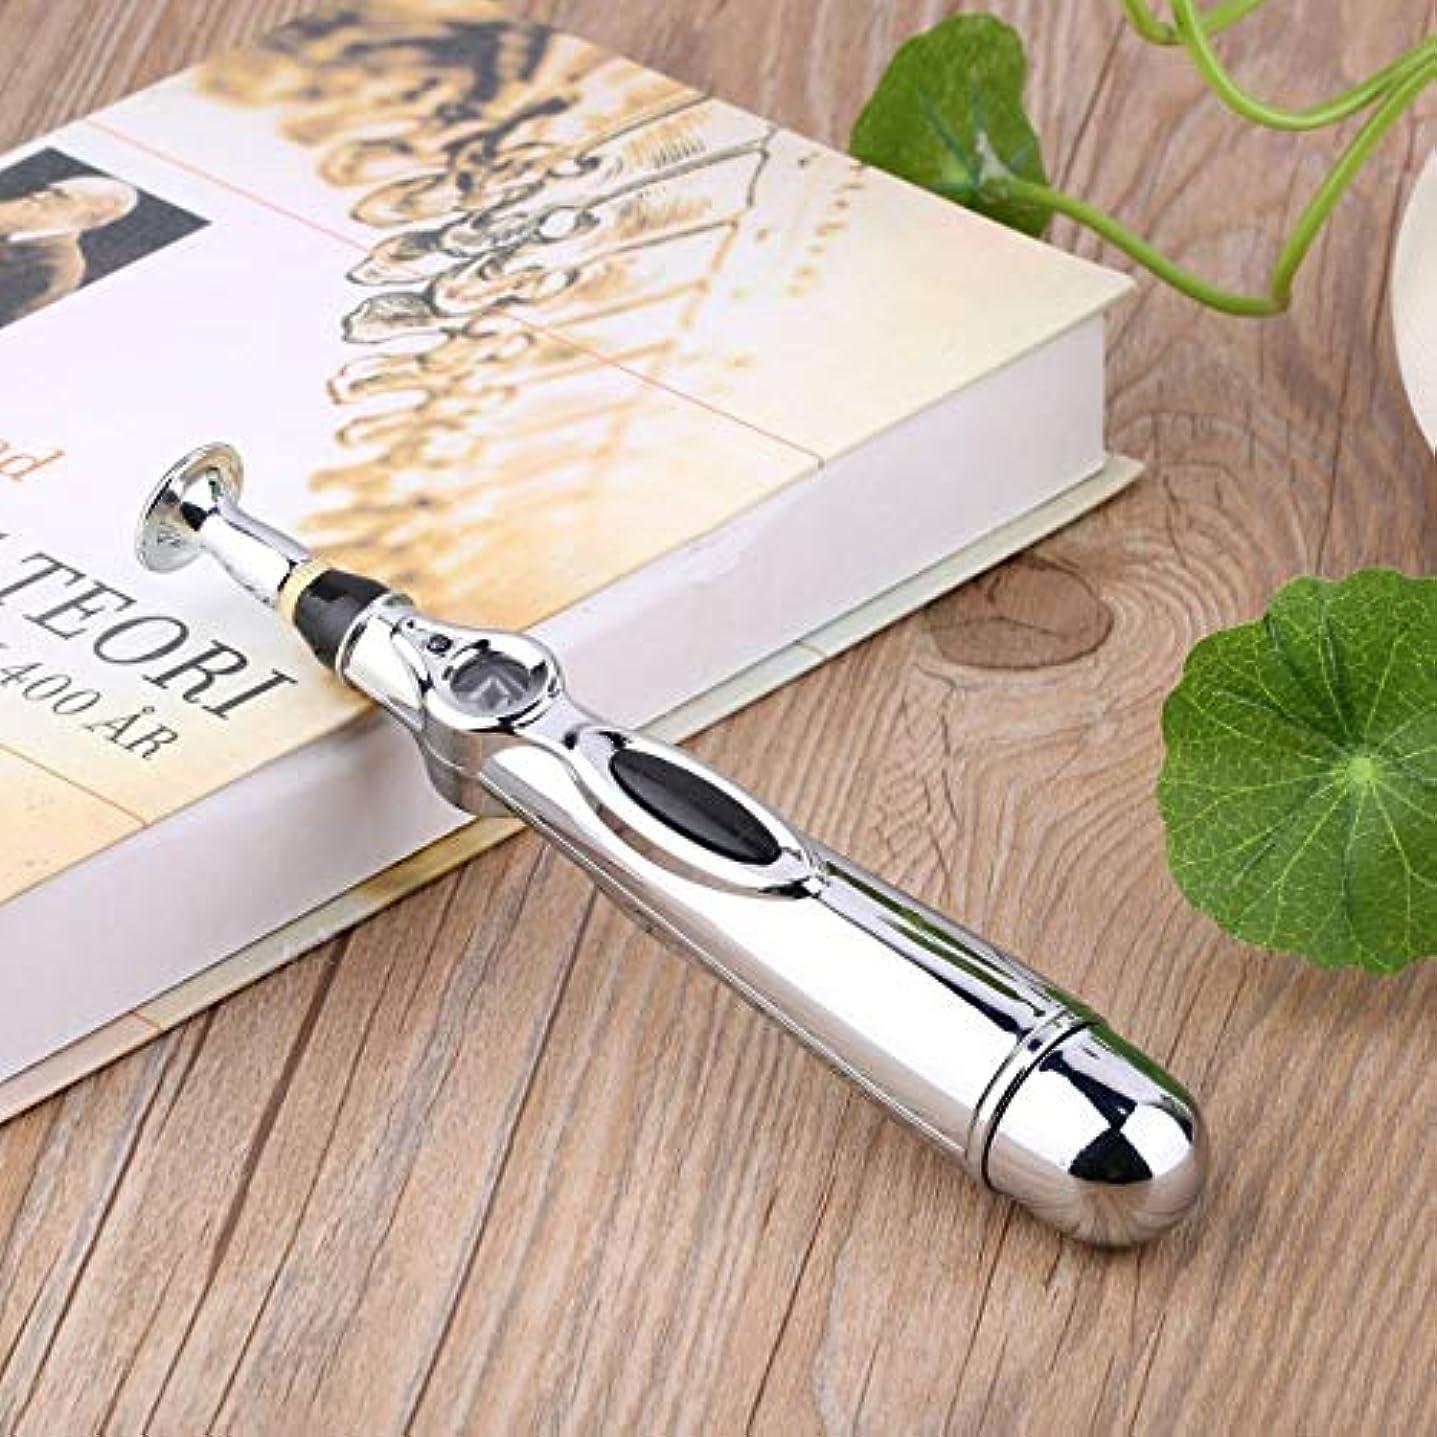 詐欺胚コイル電気鍼マッサージペンの健康子午線の痛みを軽減する治療電子子午線エネルギーペンのマッサージボディヘッドネック脚